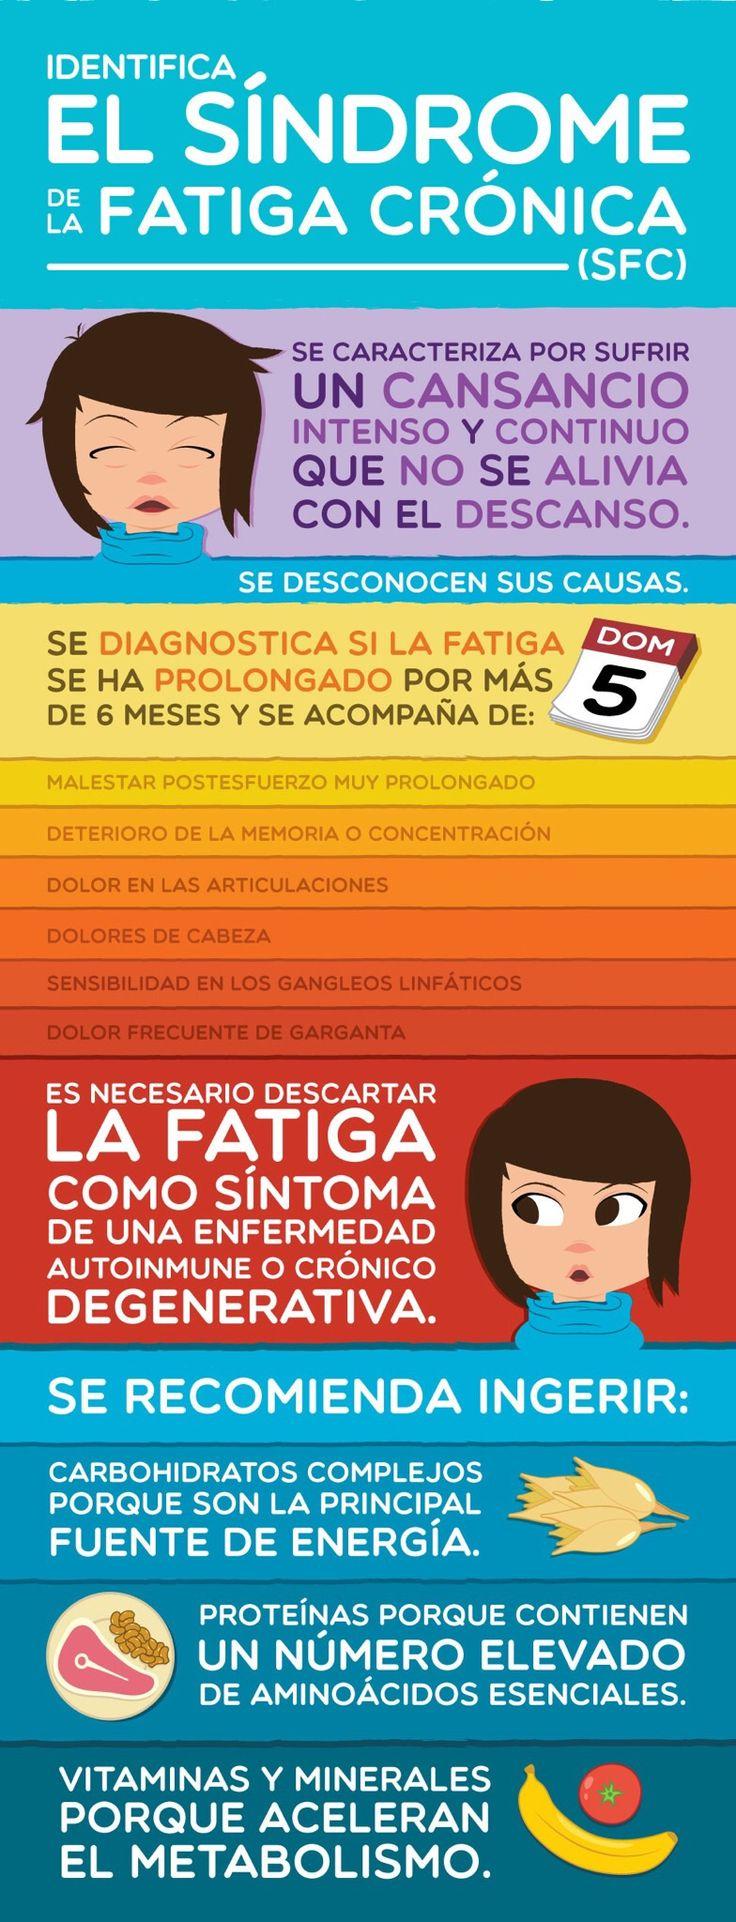 Fatiga cronica y alimentos para combatirla